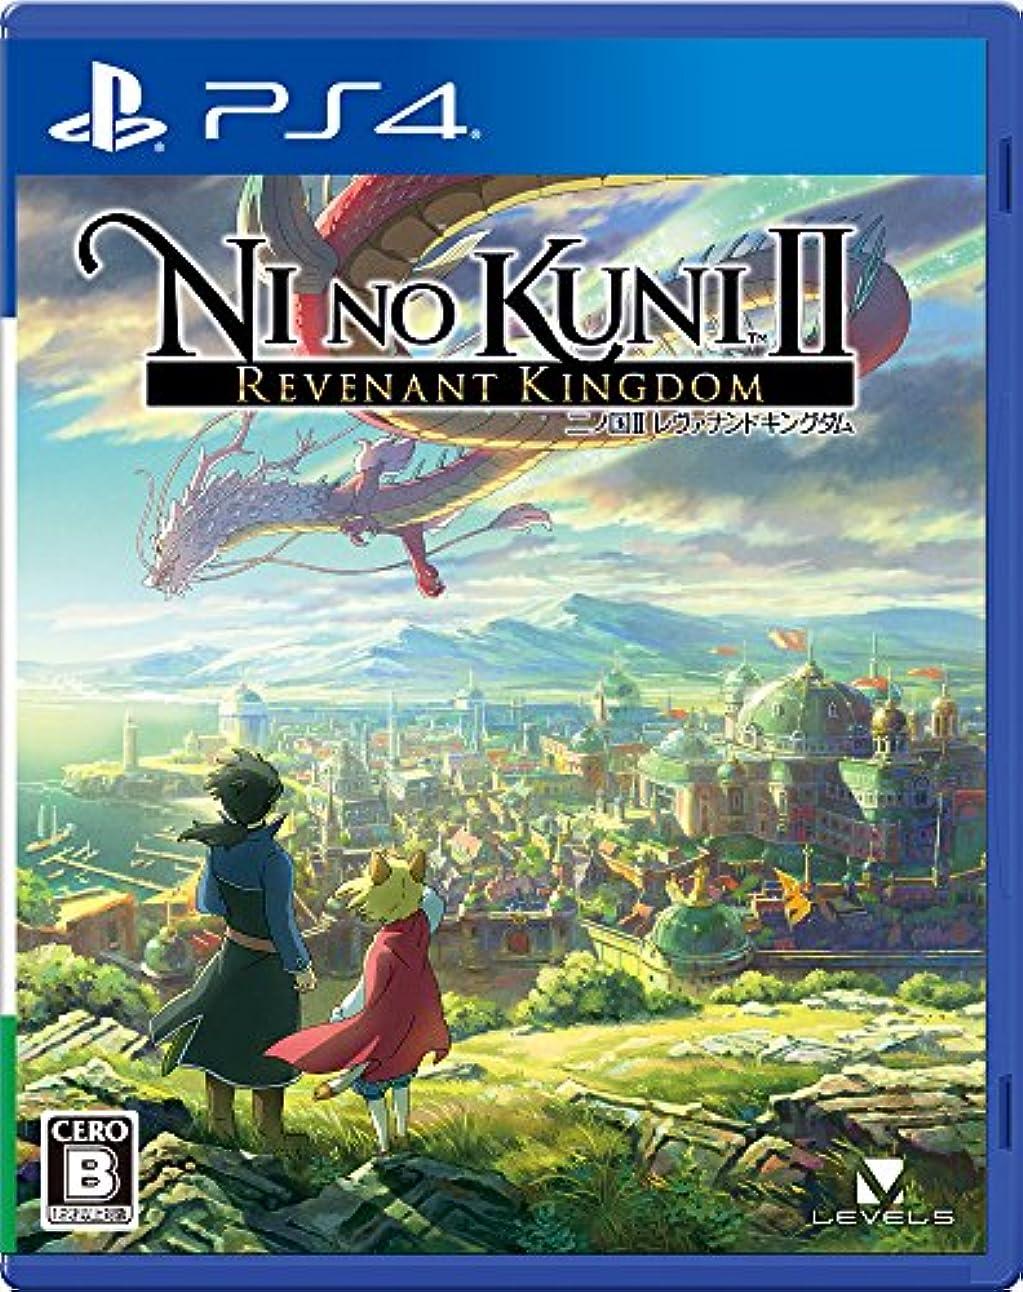 メイエラスキッププライム二ノ国II レヴァナントキングダム - PS4